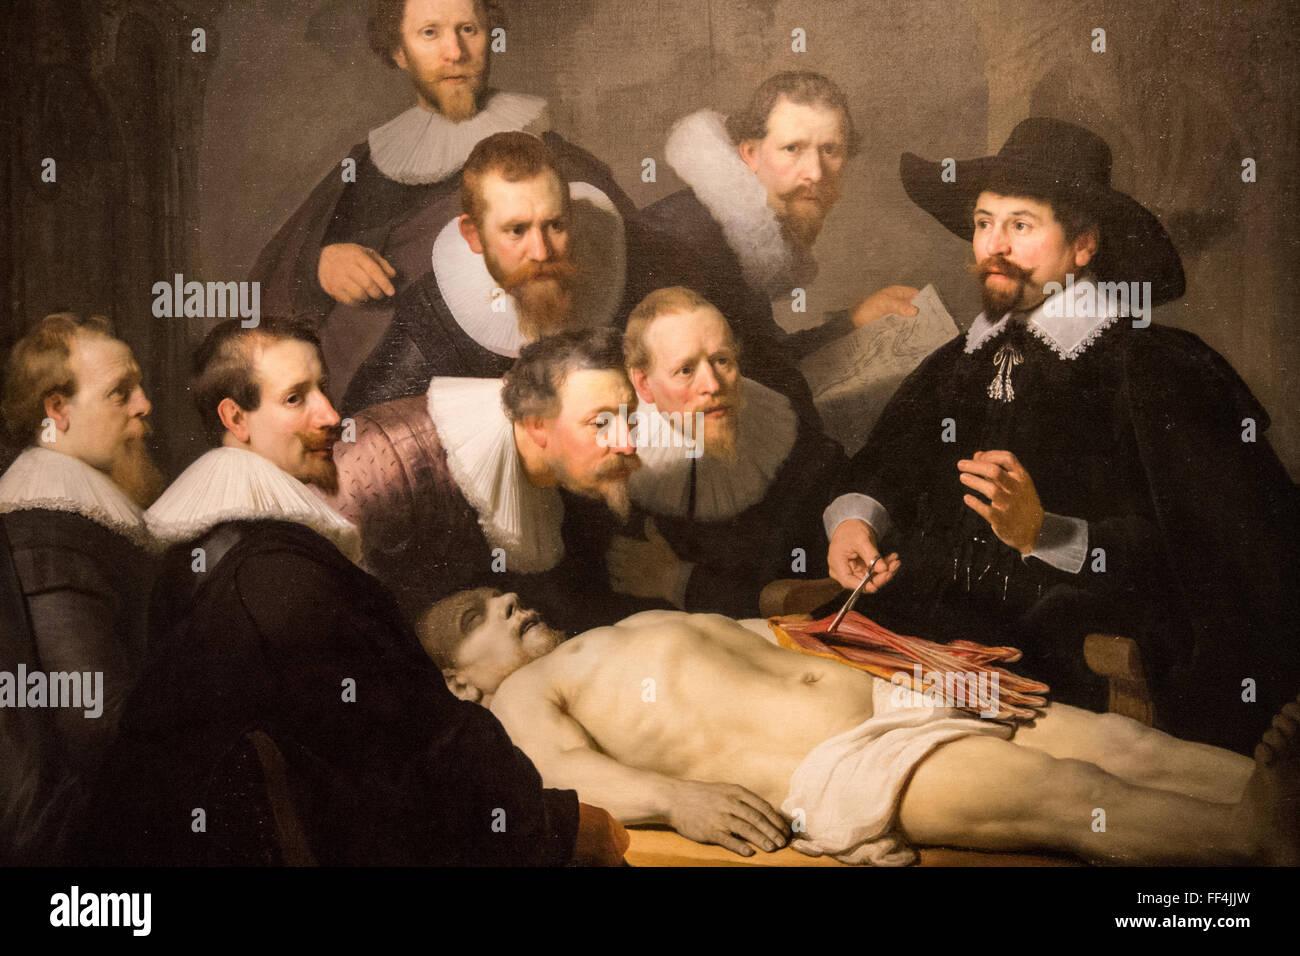 Anatomie Unterricht Dr. Tulp rembrandt Stockfoto, Bild: 95374129 - Alamy